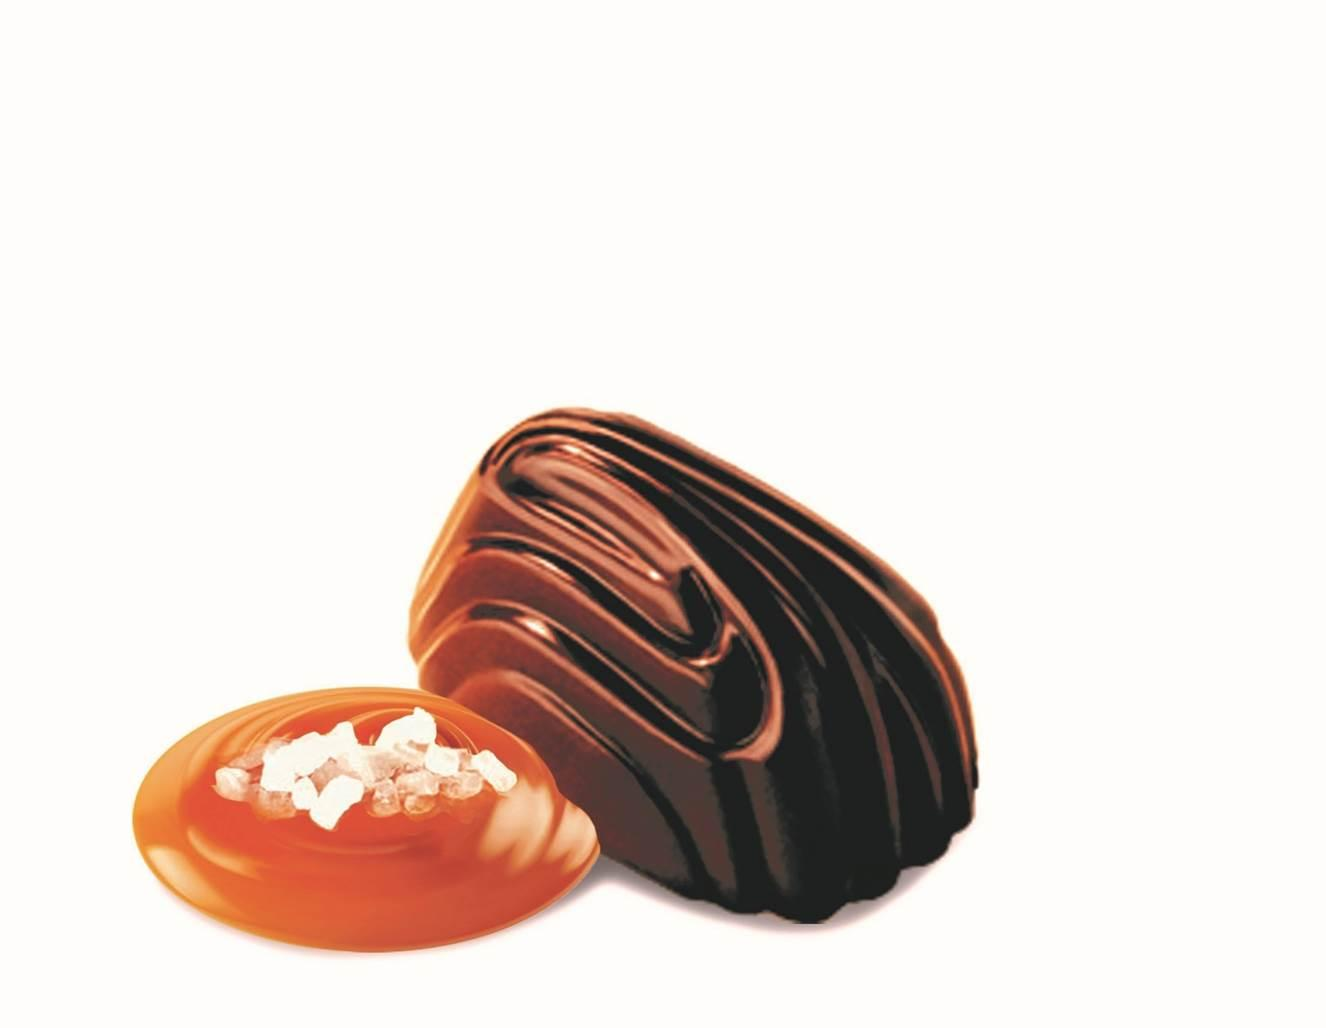 I år kommer pralinen mjuk toffee att bytas ut mot saltkaramell.